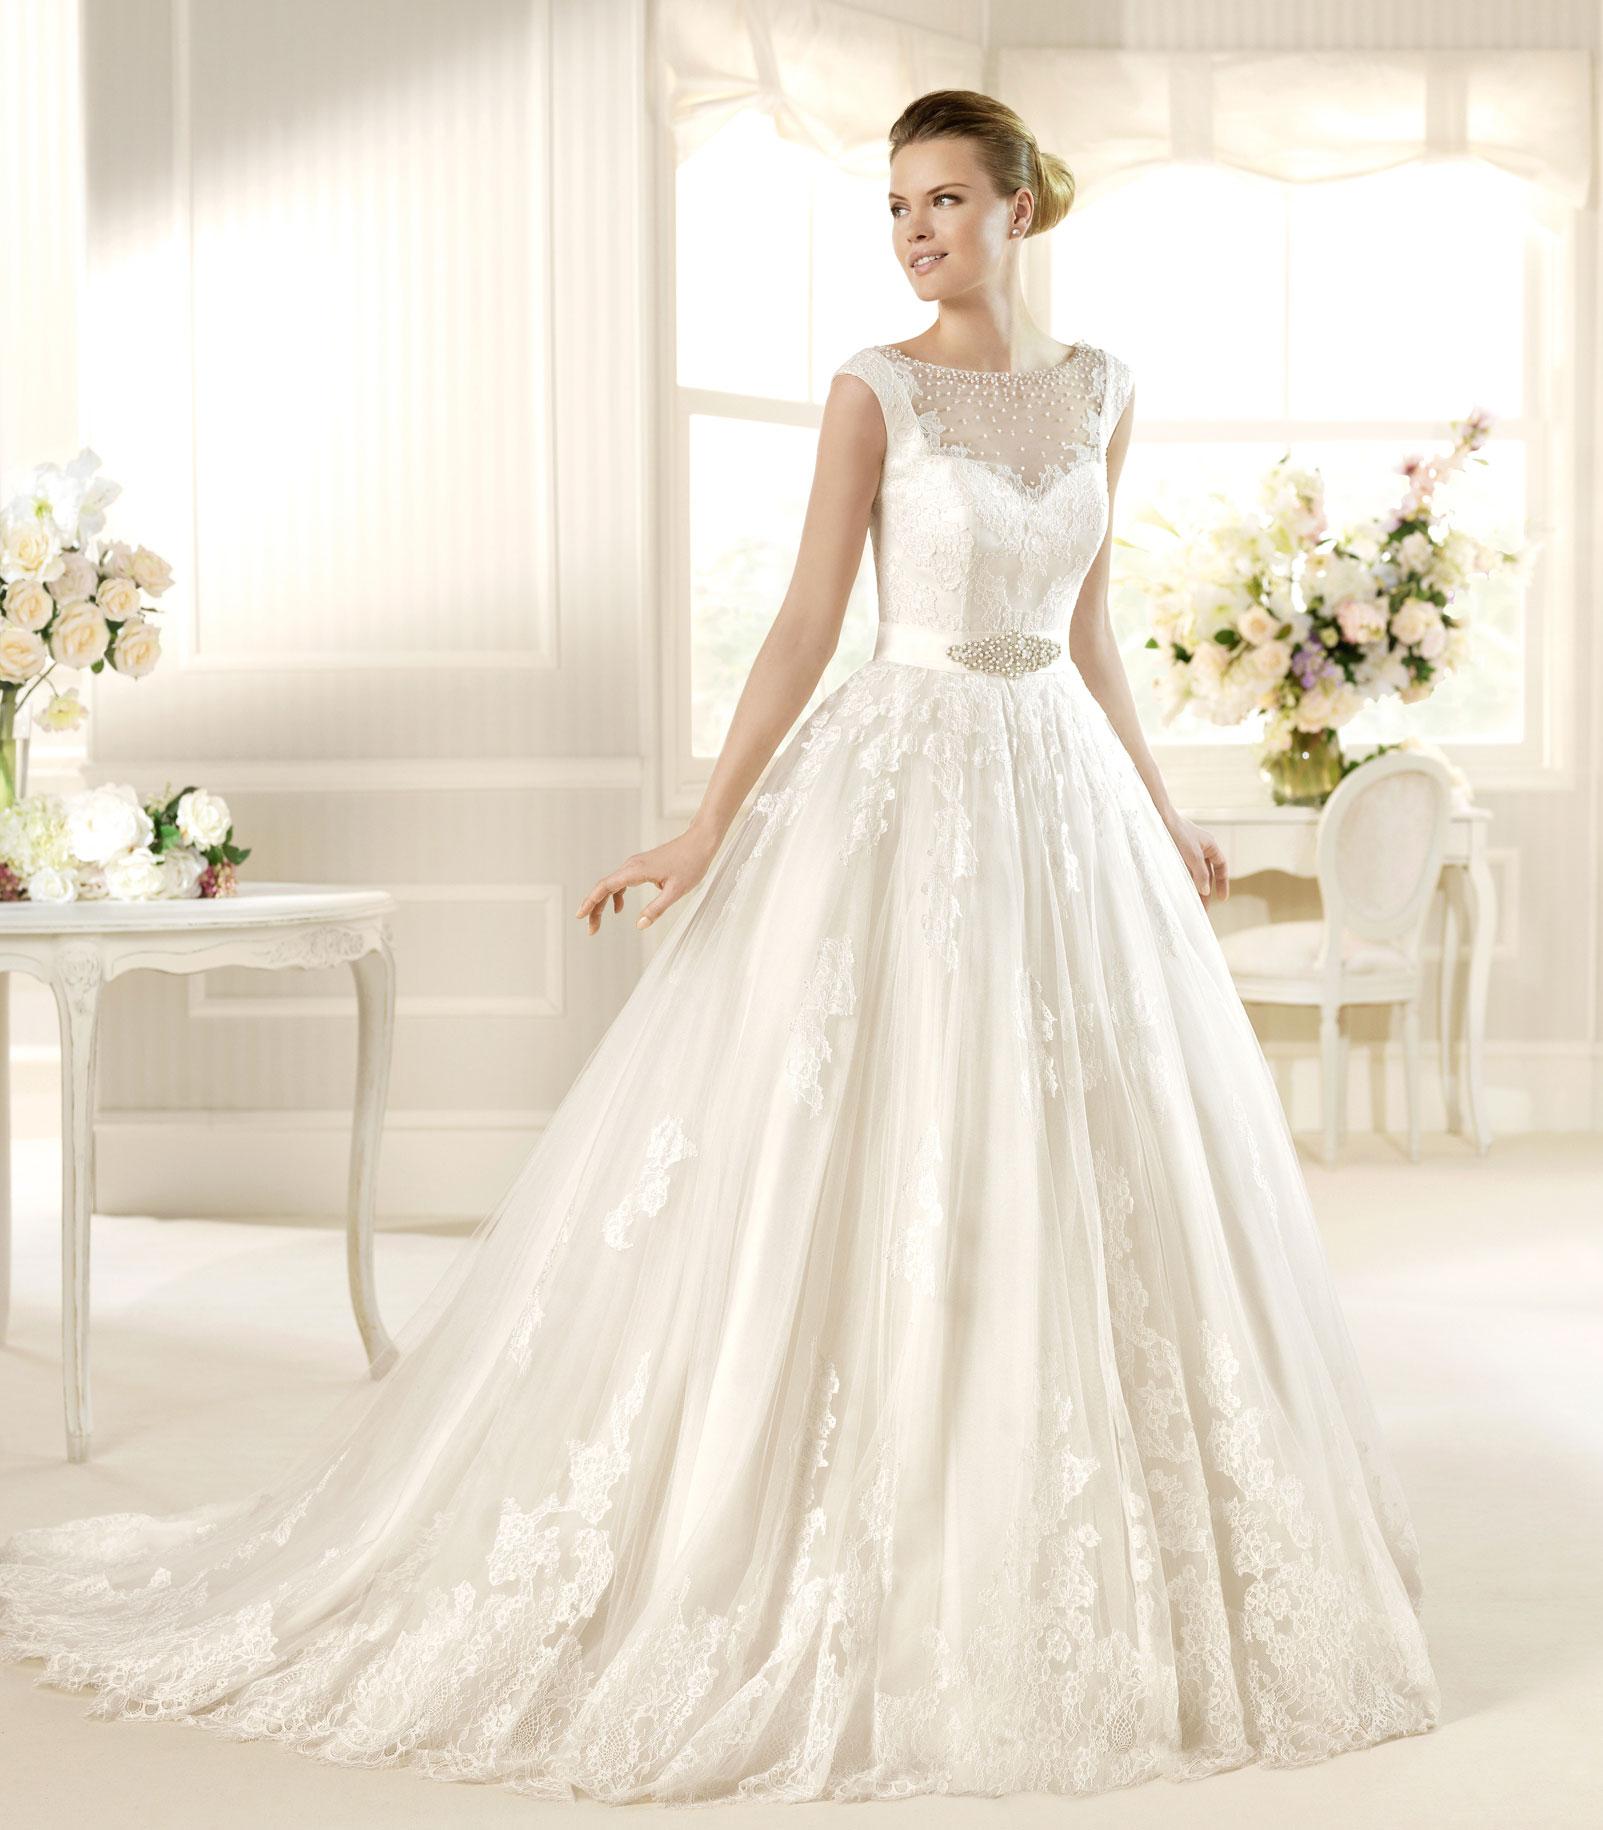 1 - خرید لباس عروس یا اجاره لباس عروس